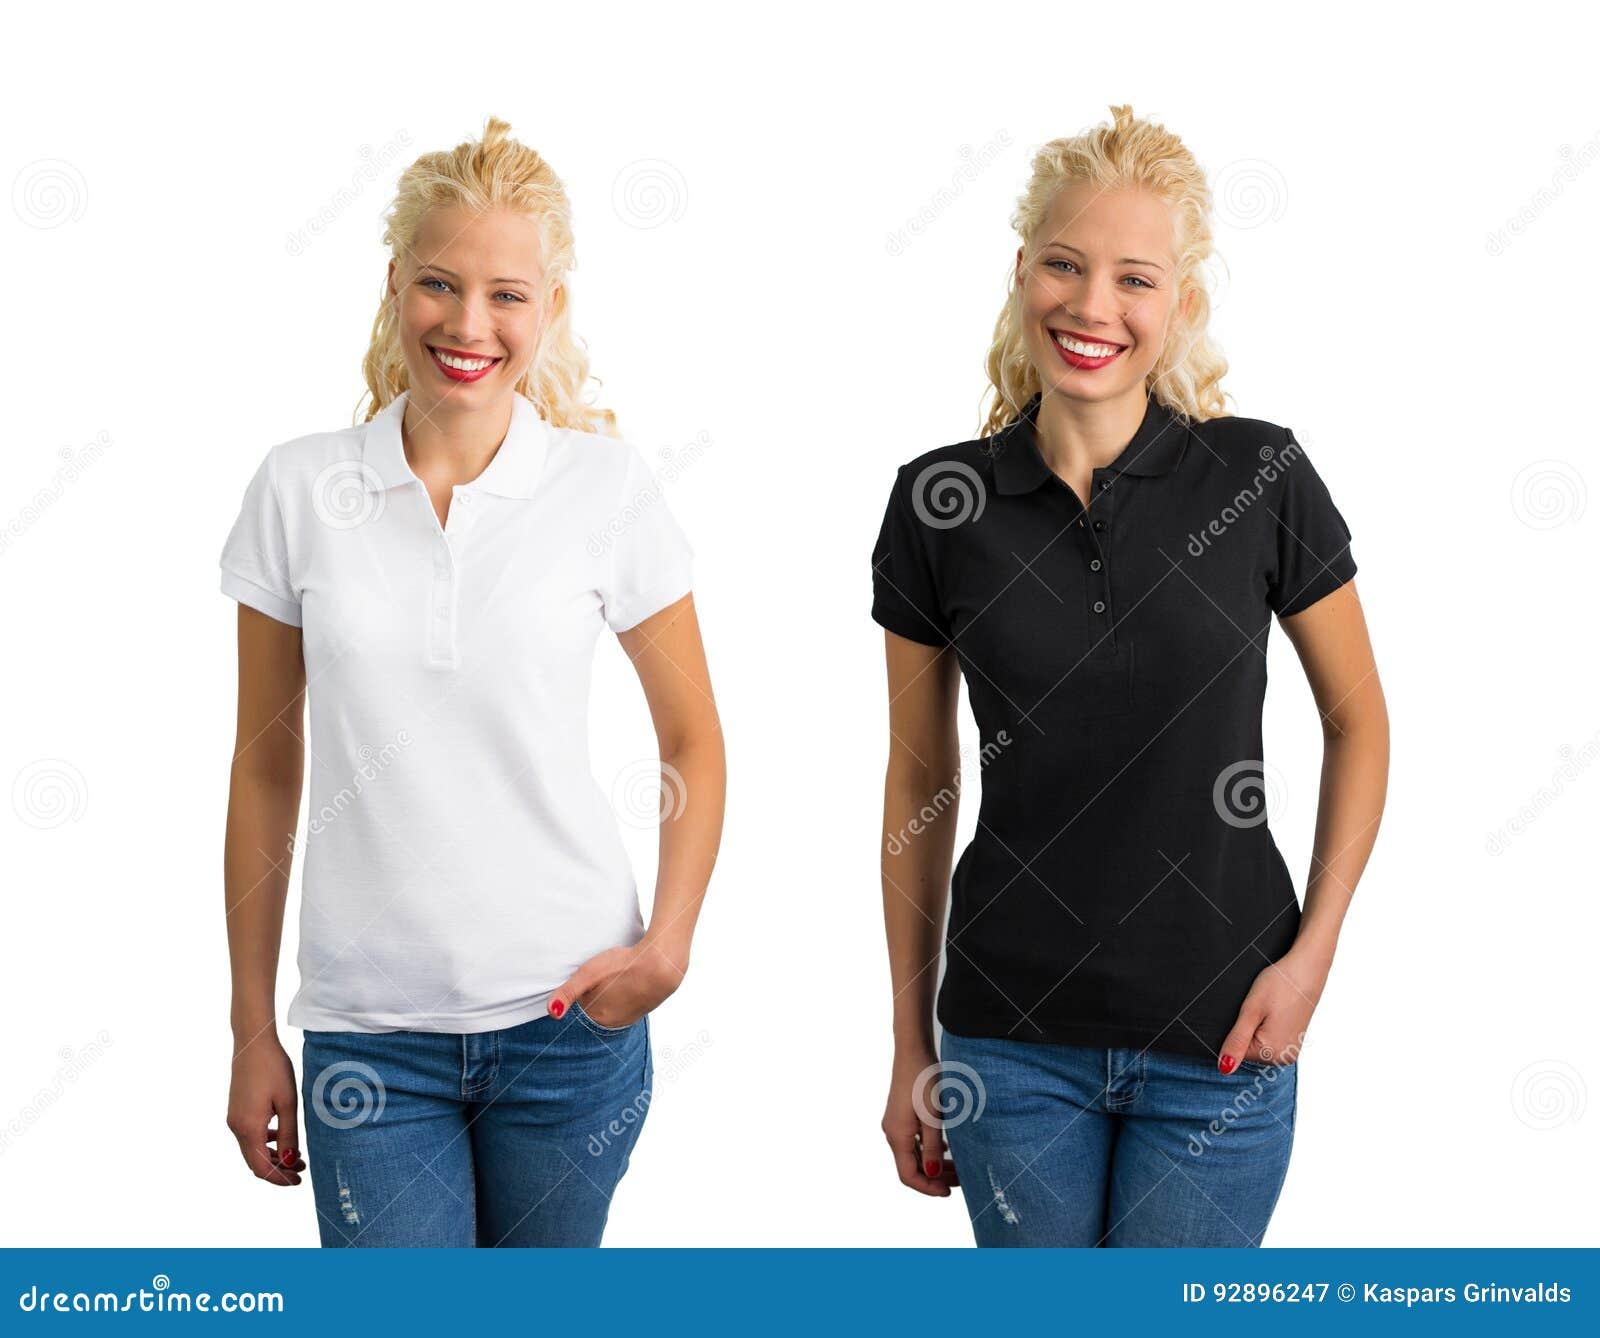 uk availability 13b1b 778aa Donna In Camicia Di Polo Bianca E Nera Immagine Stock ...